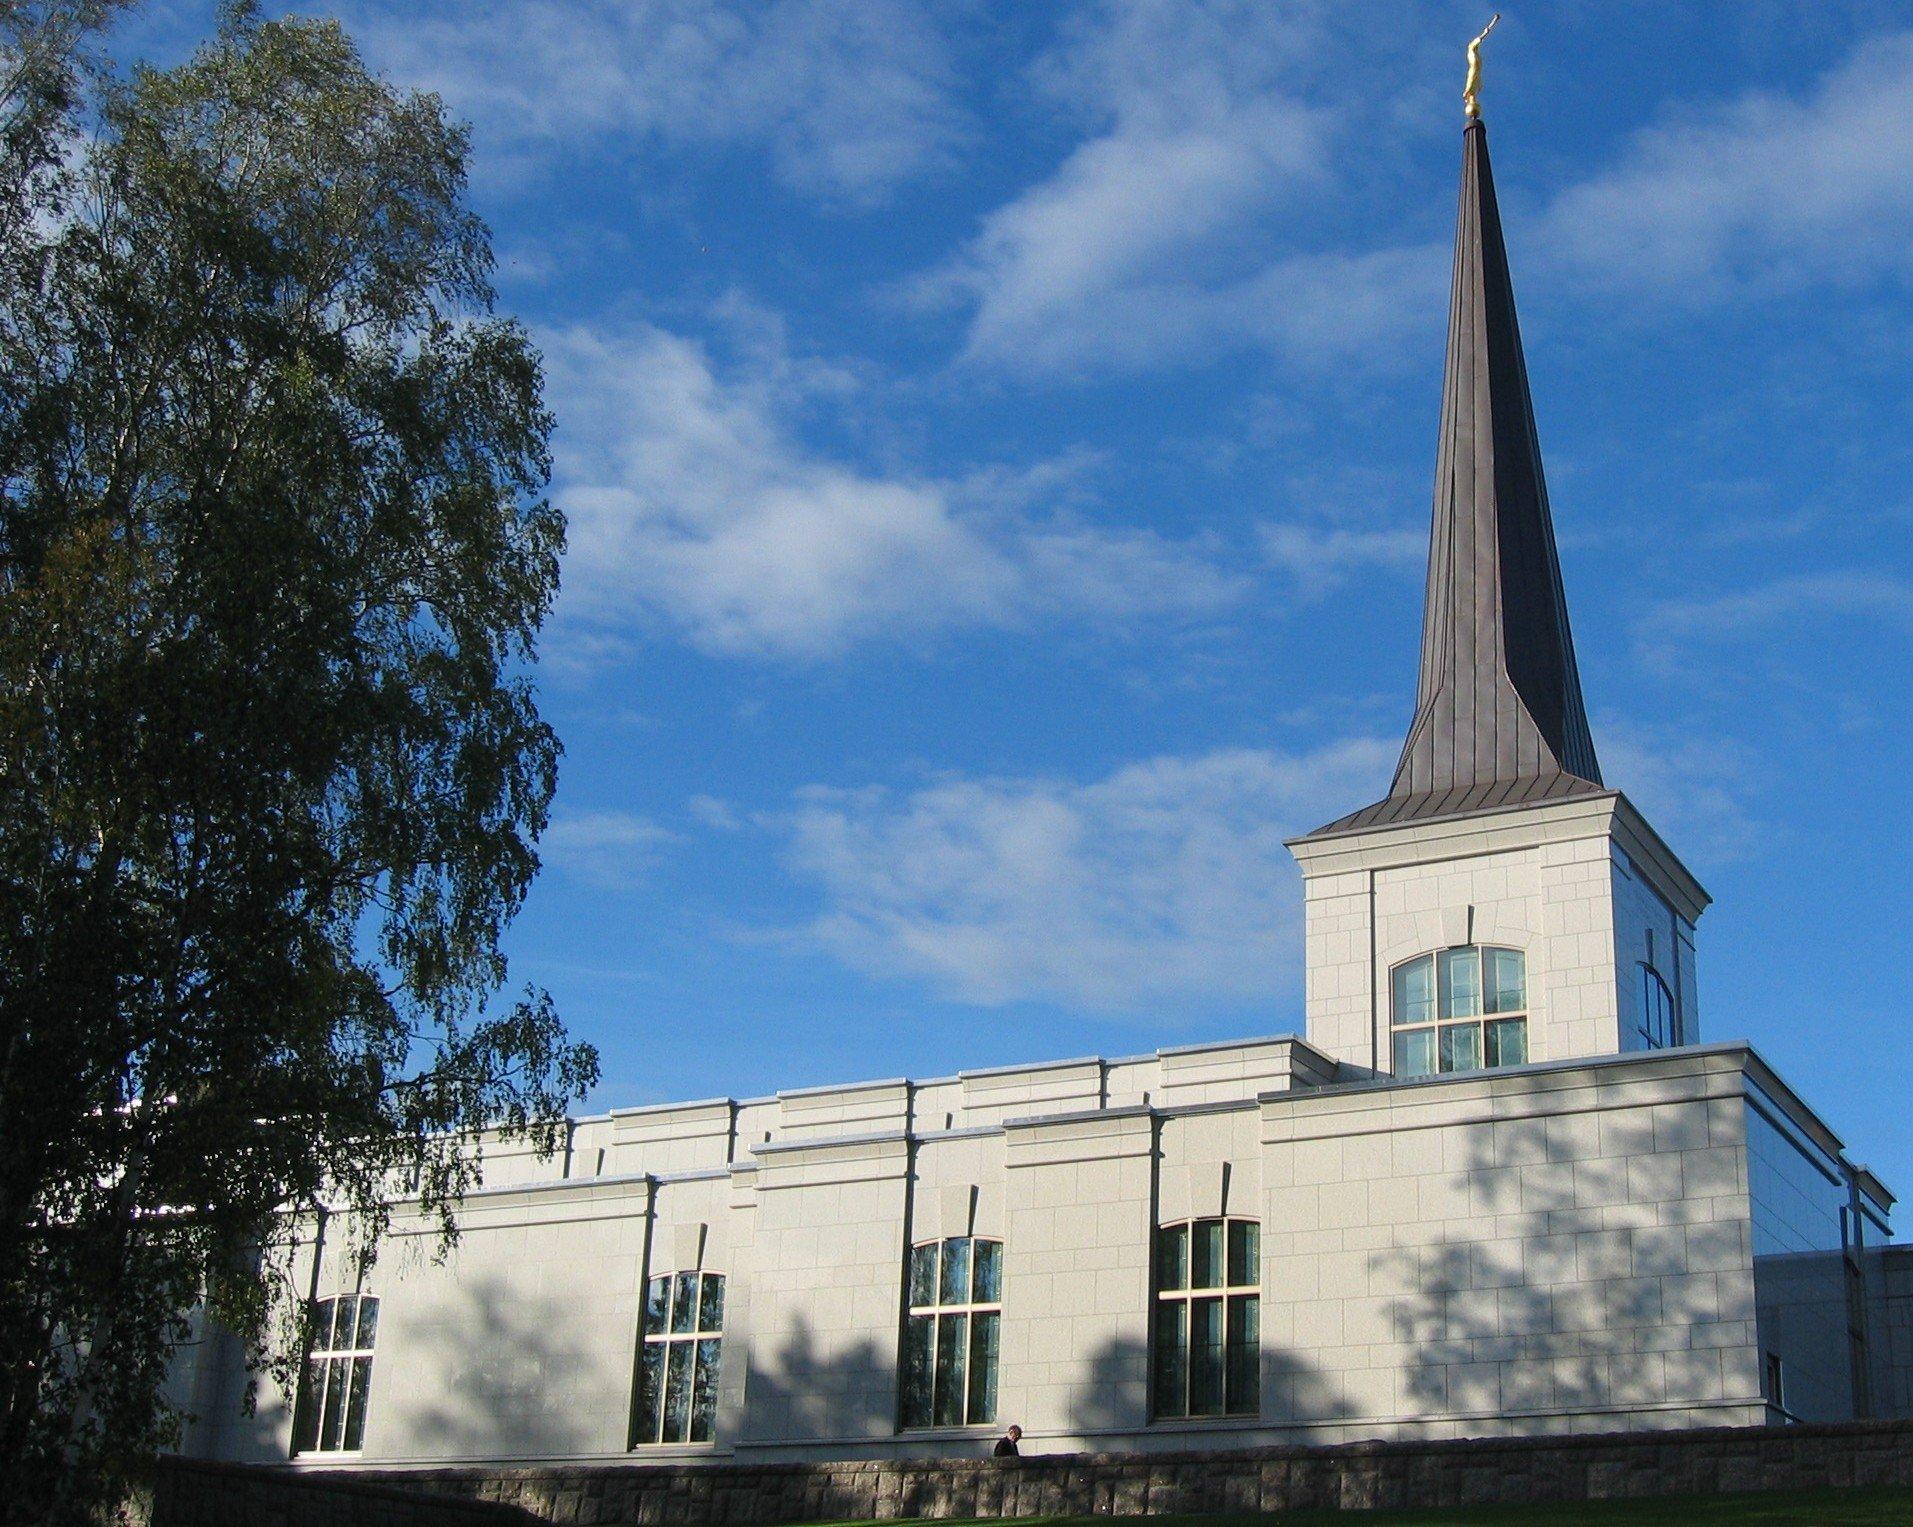 Helsiniki_Finland_Temple.jpg